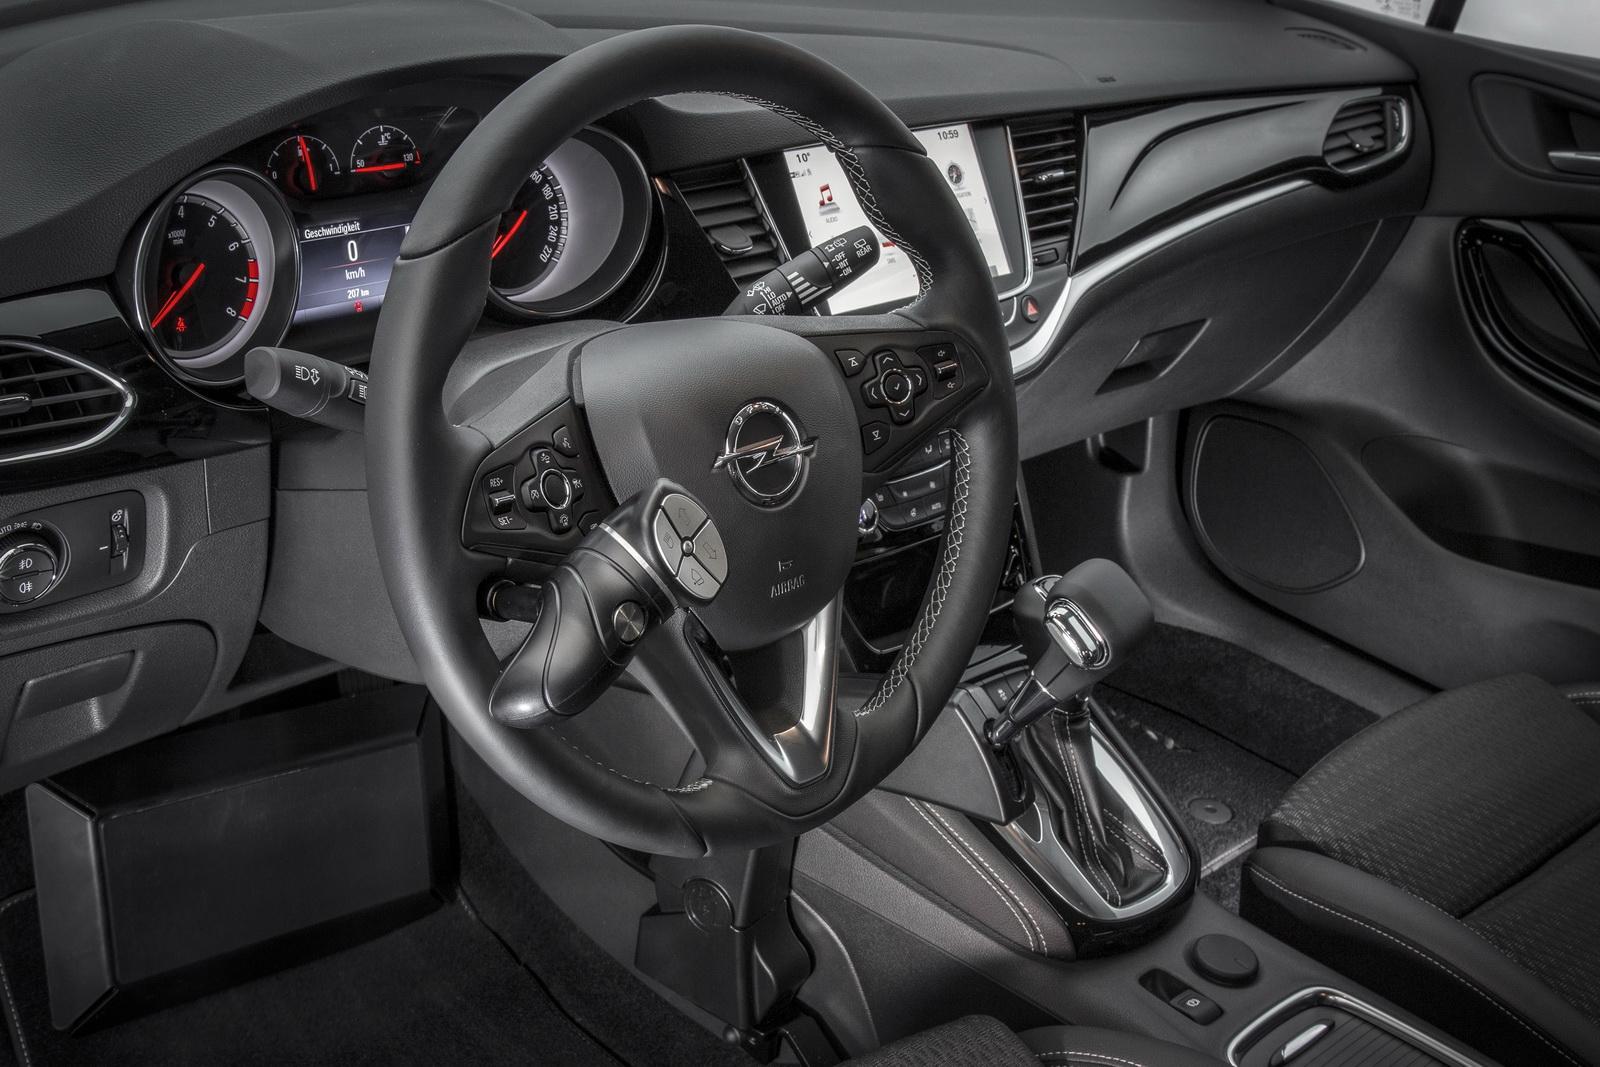 Opel_Astra_Veigel_Commander_03